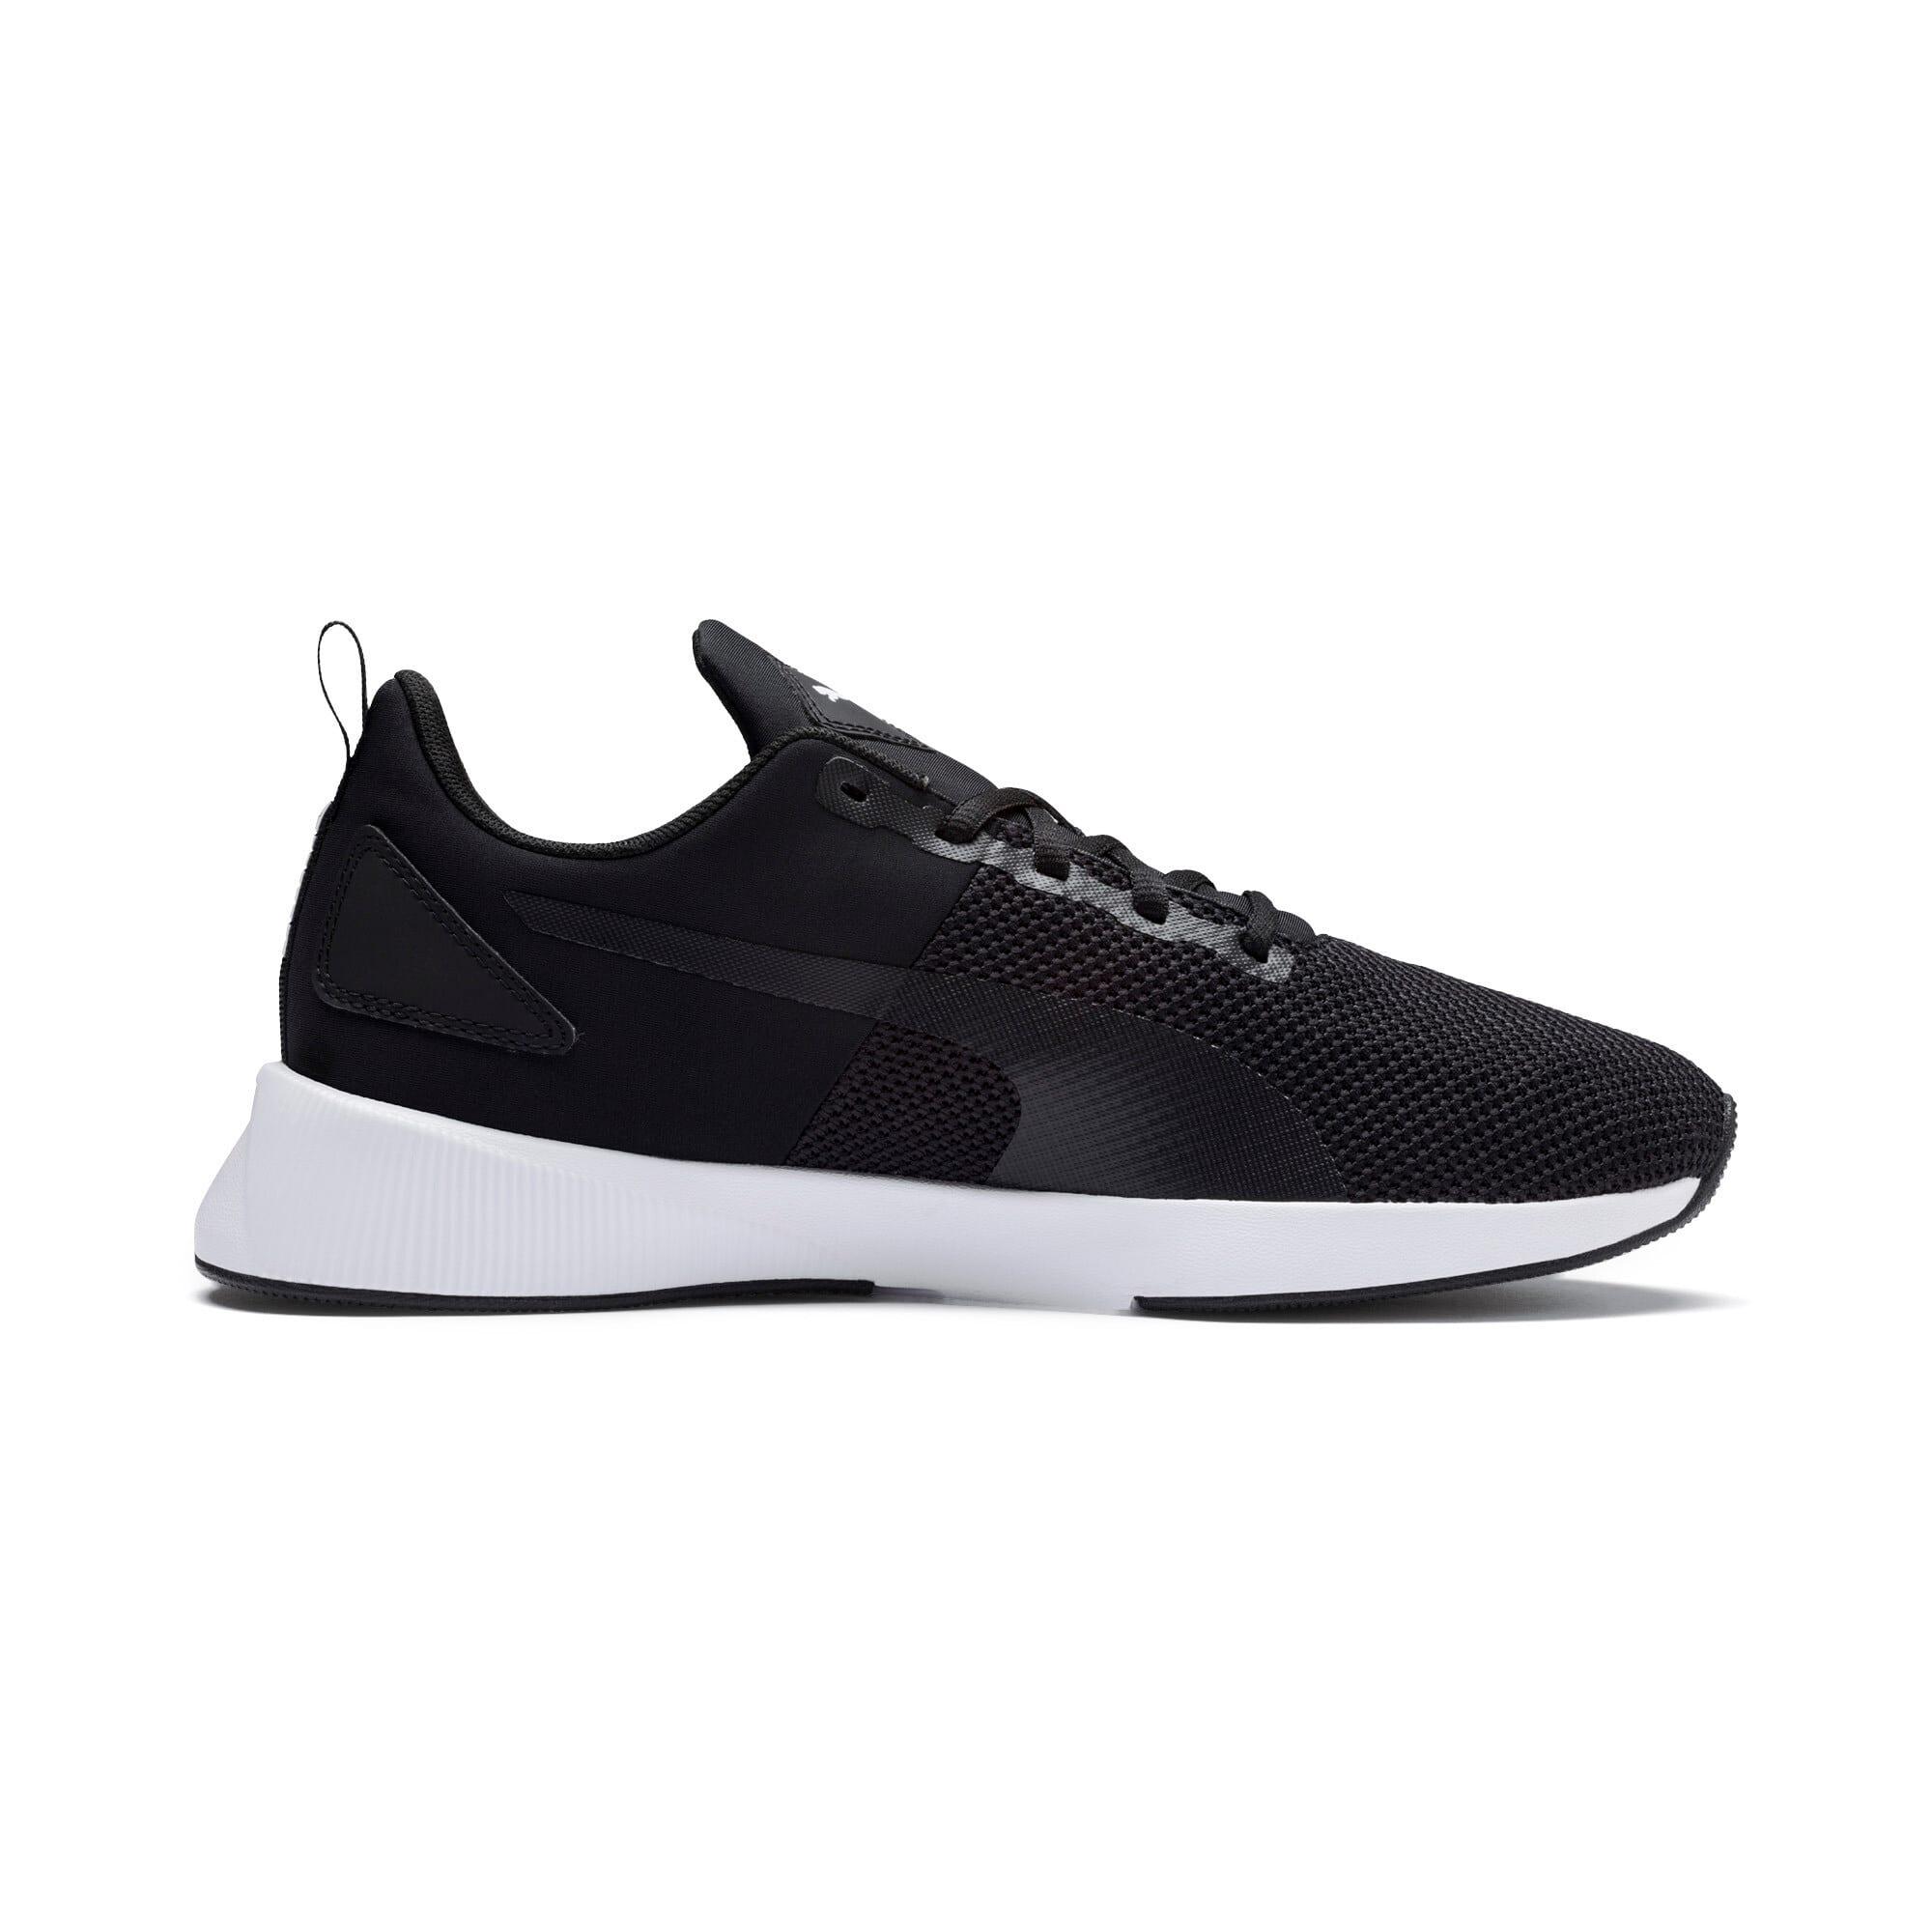 Thumbnail 5 of Flyer Runner Running Shoes, Black-Black-White, medium